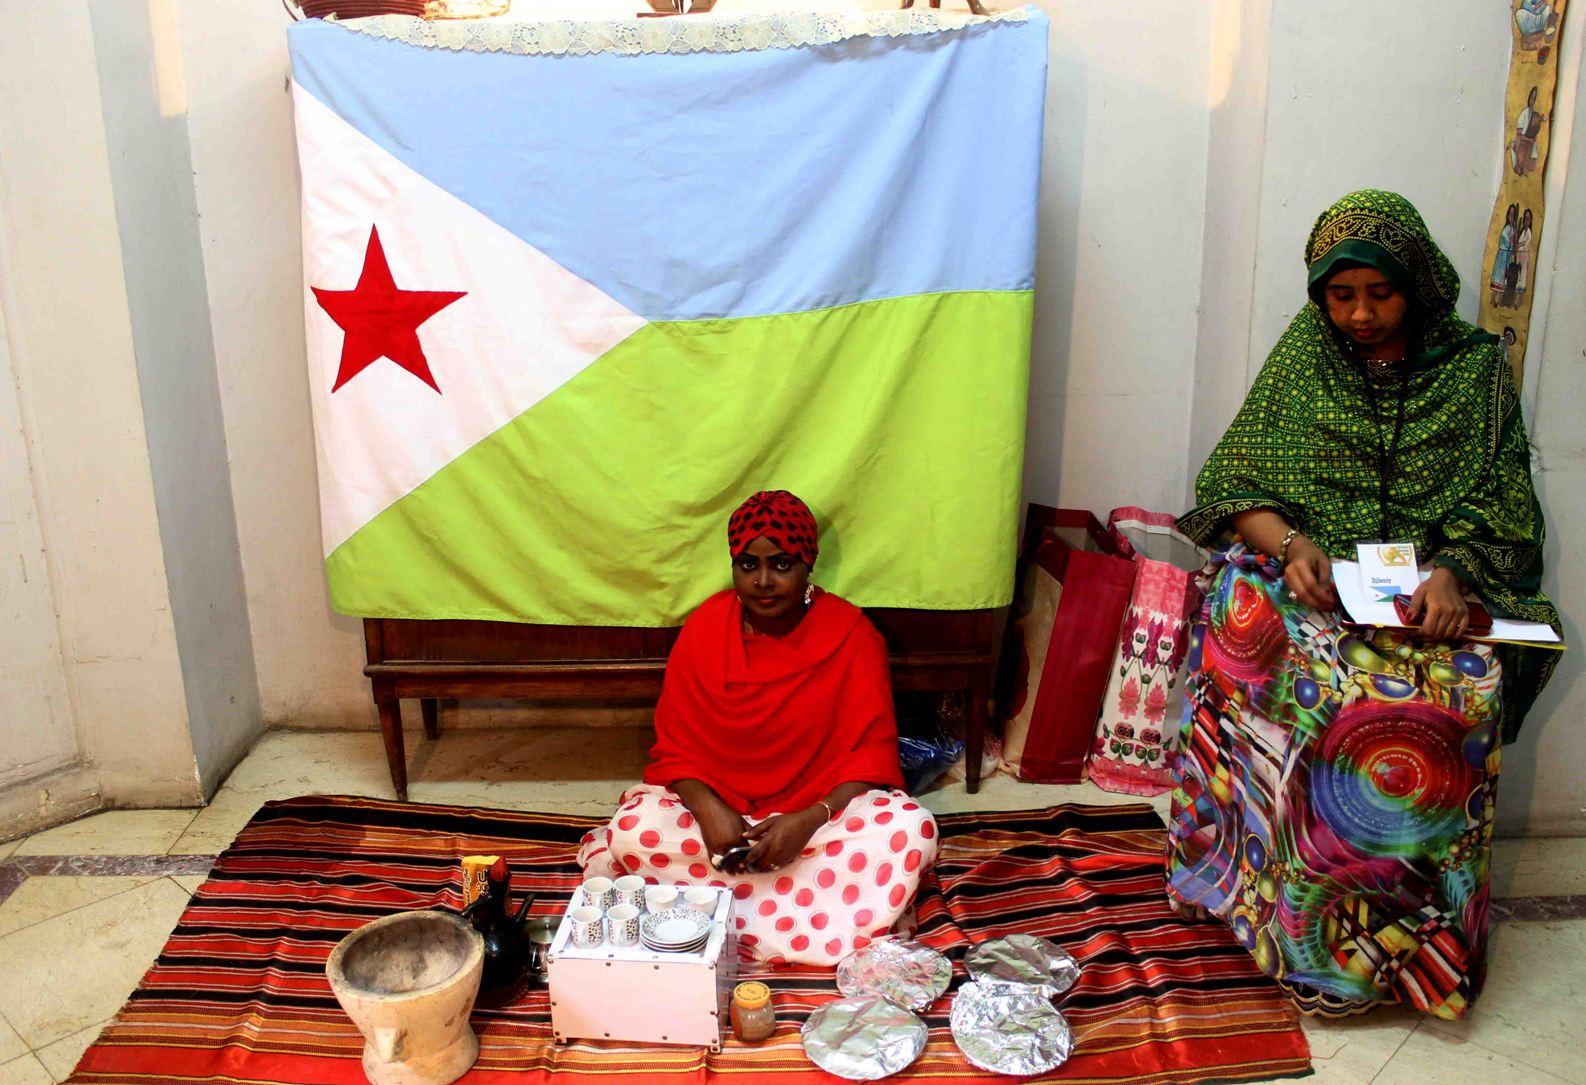 أمس احتفلت الجمعية الأفريقية  بالمرأة بمقرها